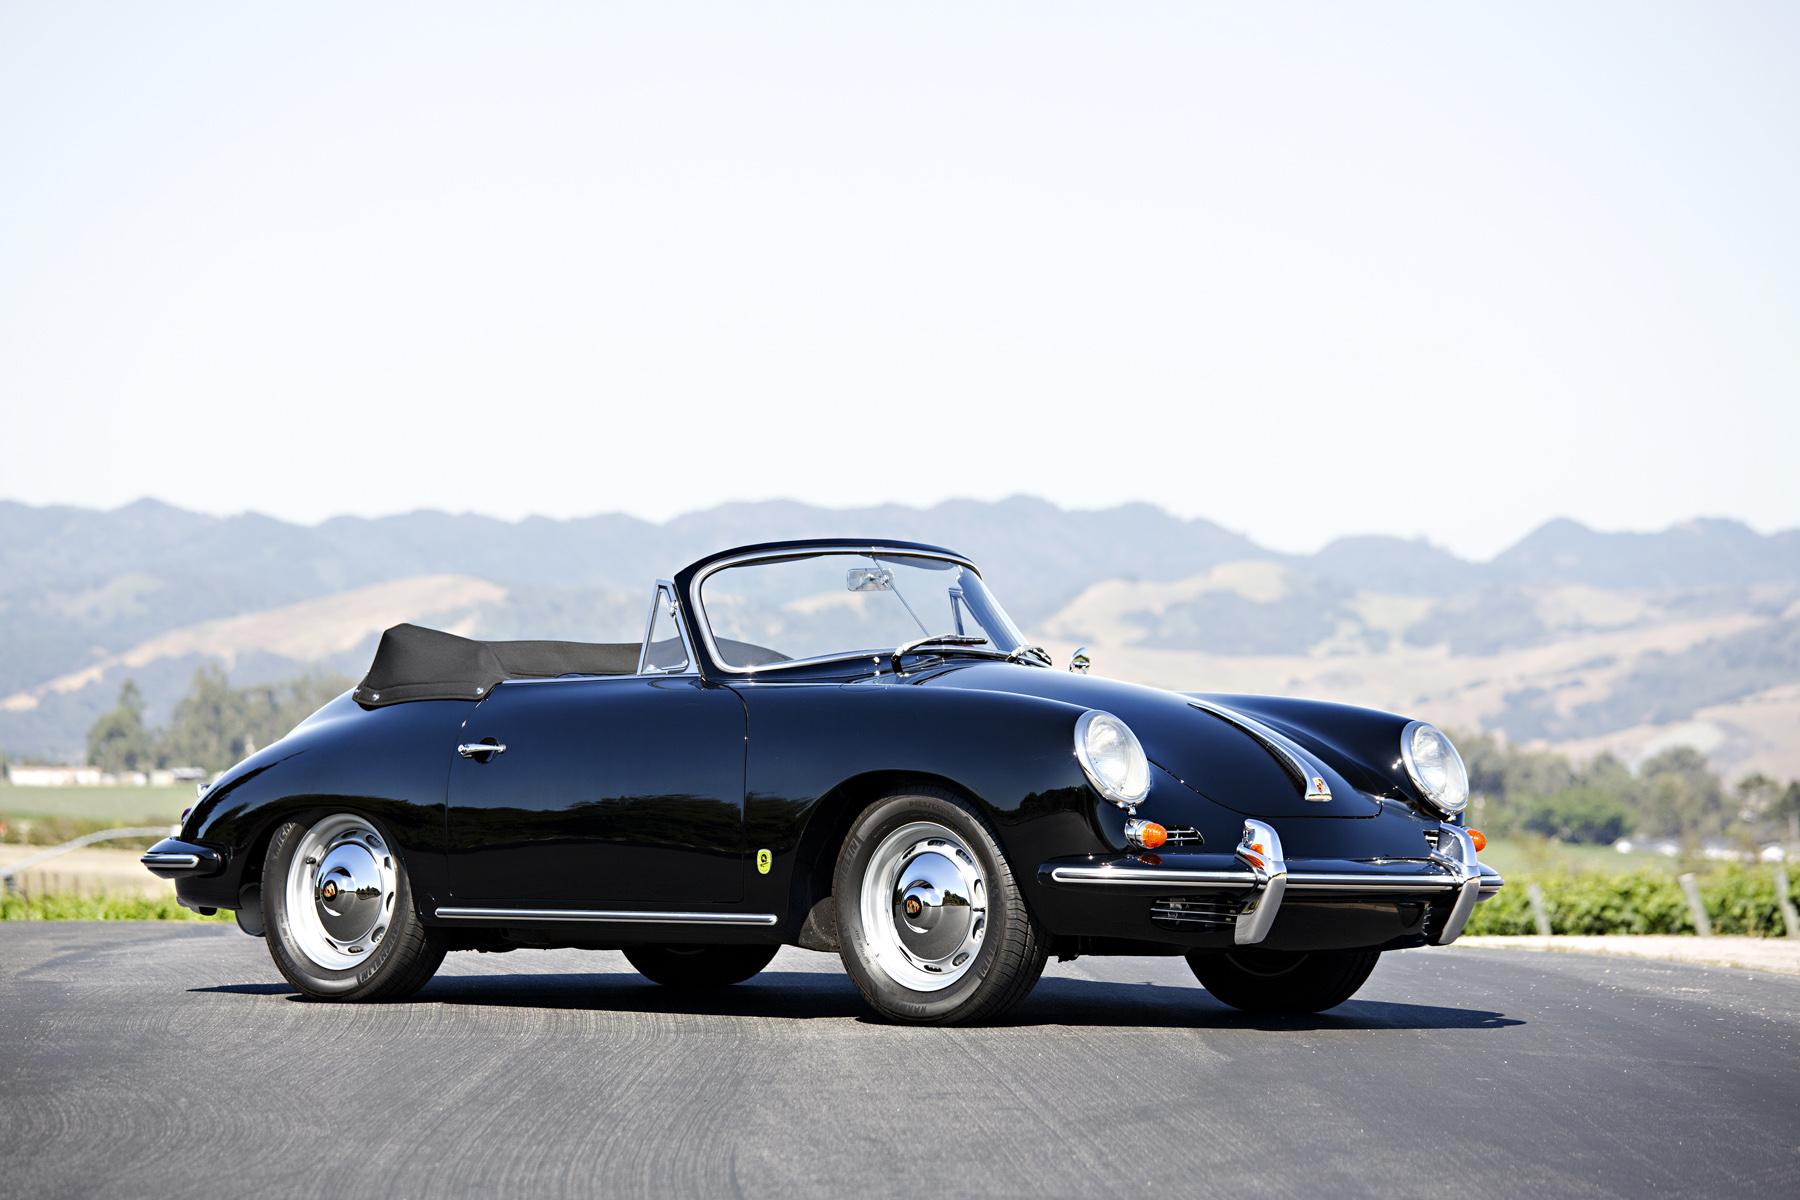 On the block: 1962 Porsche 356 B Super 90 Cabriolet (Estimate $135,000 - $150,000). Image courtesy Gooding & Company/Brian Henniker.